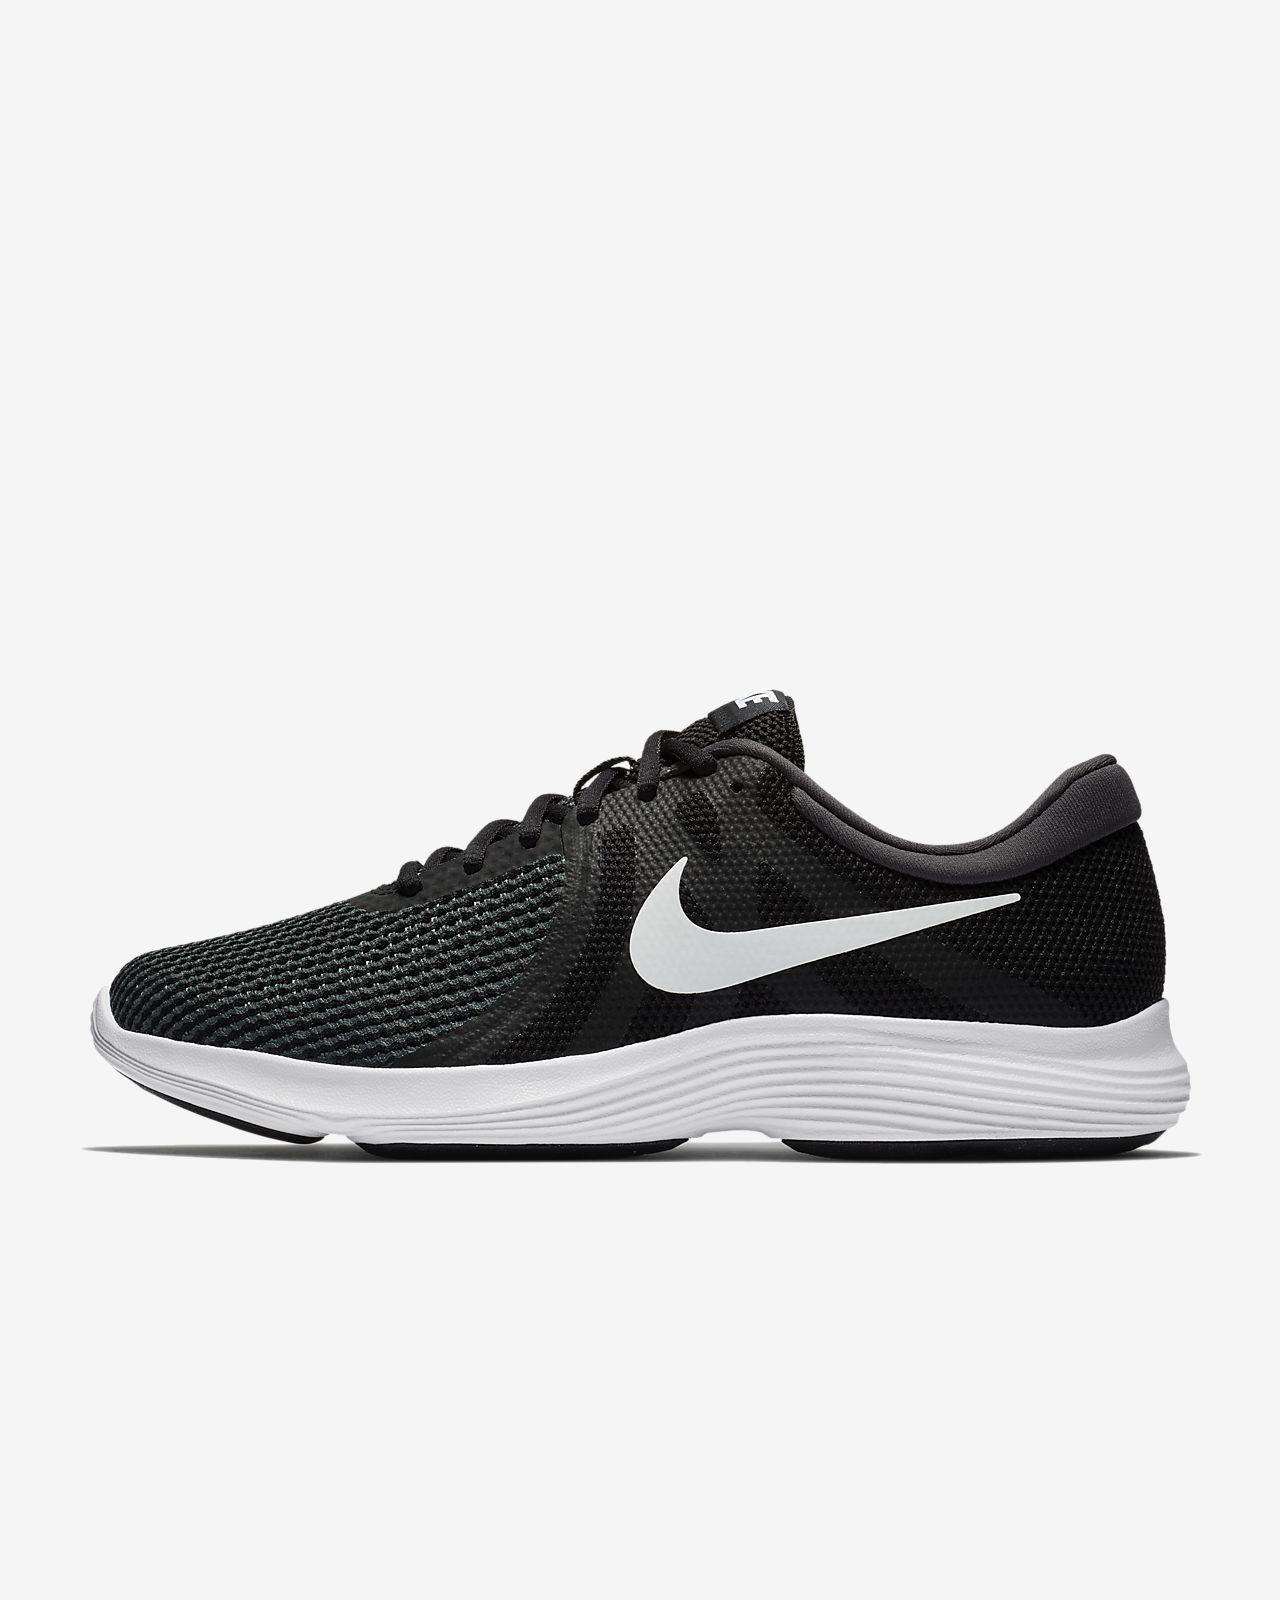 Scarpe Nike Revolution 4 nero bianco donna